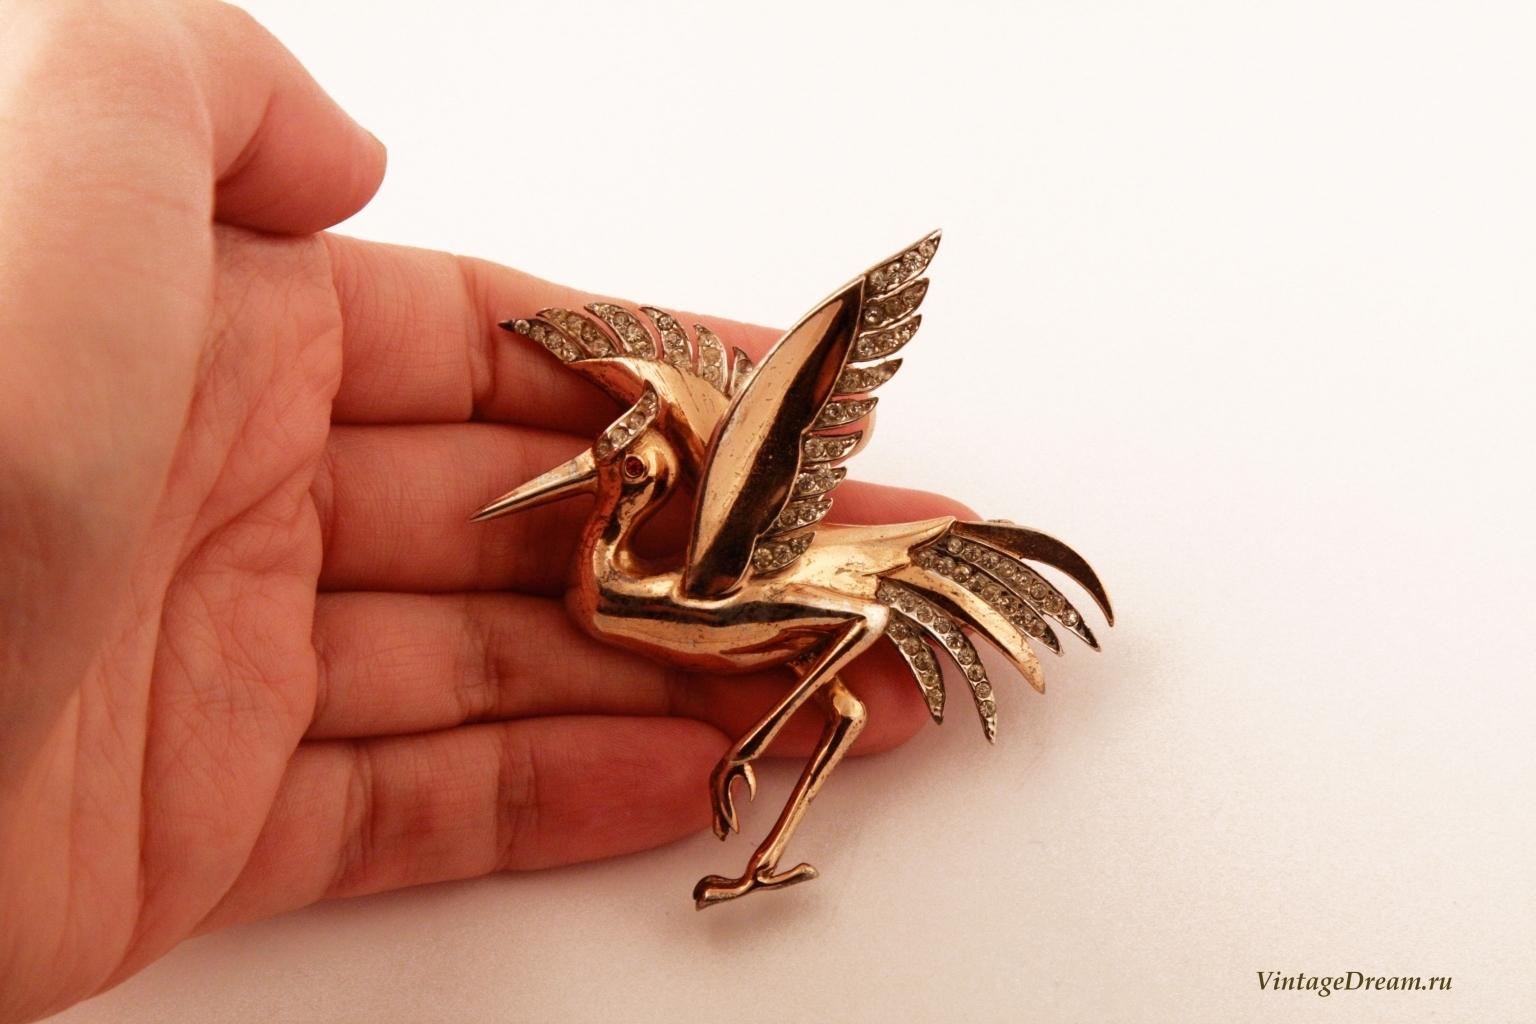 Редкая серебряная брошь Танцующий журавль от Reja, 40-е гг.